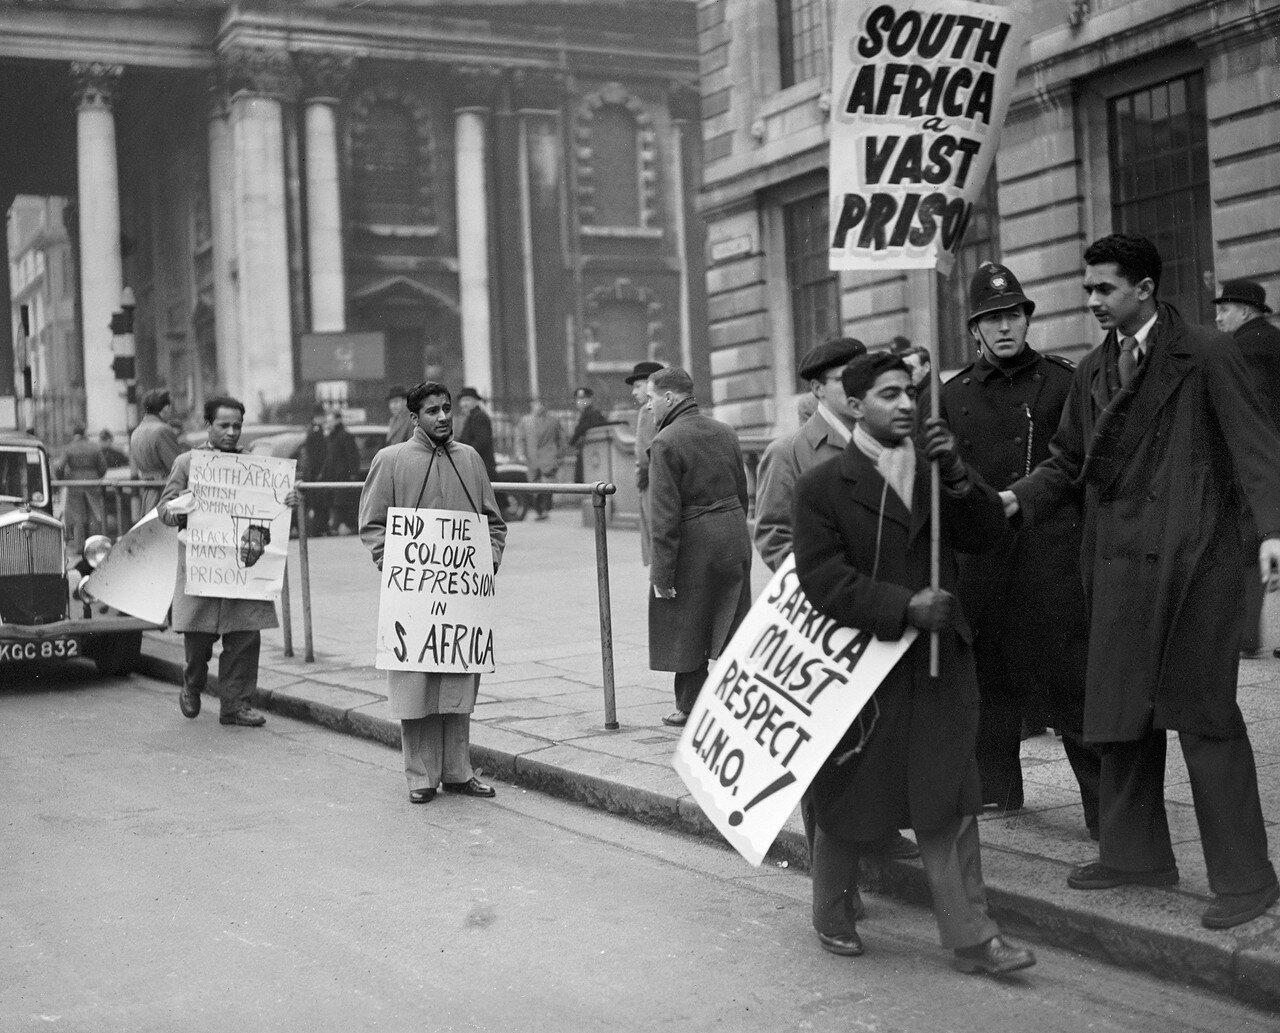 1951. 10 января. Полицейские советуют студентам из Южной Африки, держаться подальше от избирательных участков в посольстве Южной Африки на Трафальгарской площади